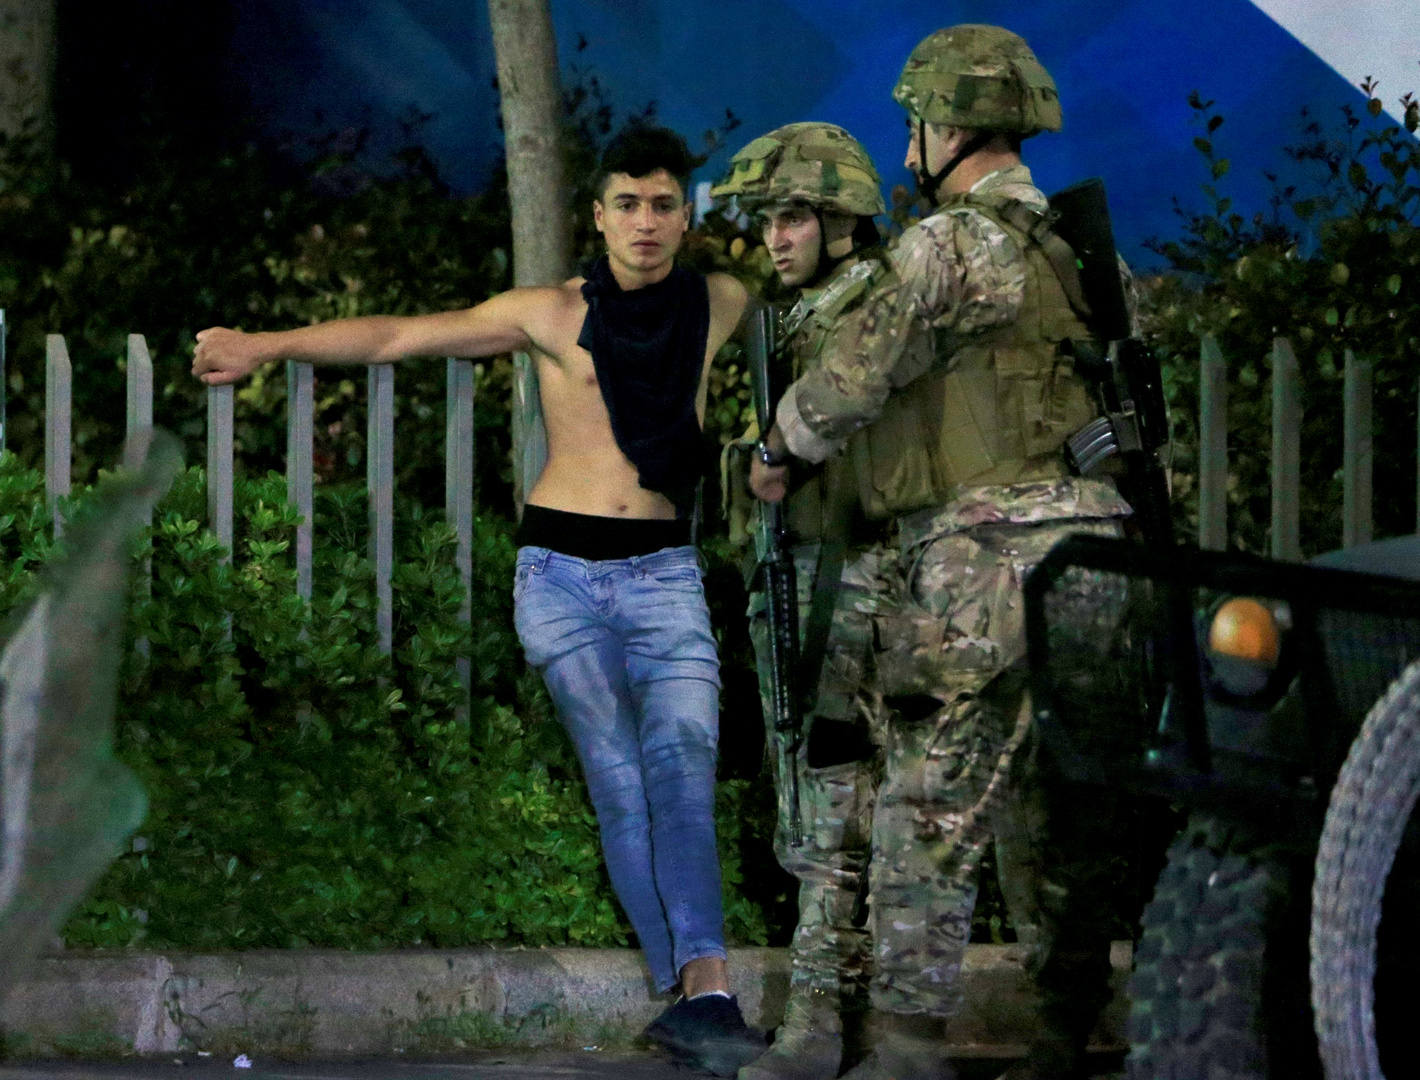 احتجاجات لبنان.. ليلة متوترة ومواجهات في صيدا وطرابلس